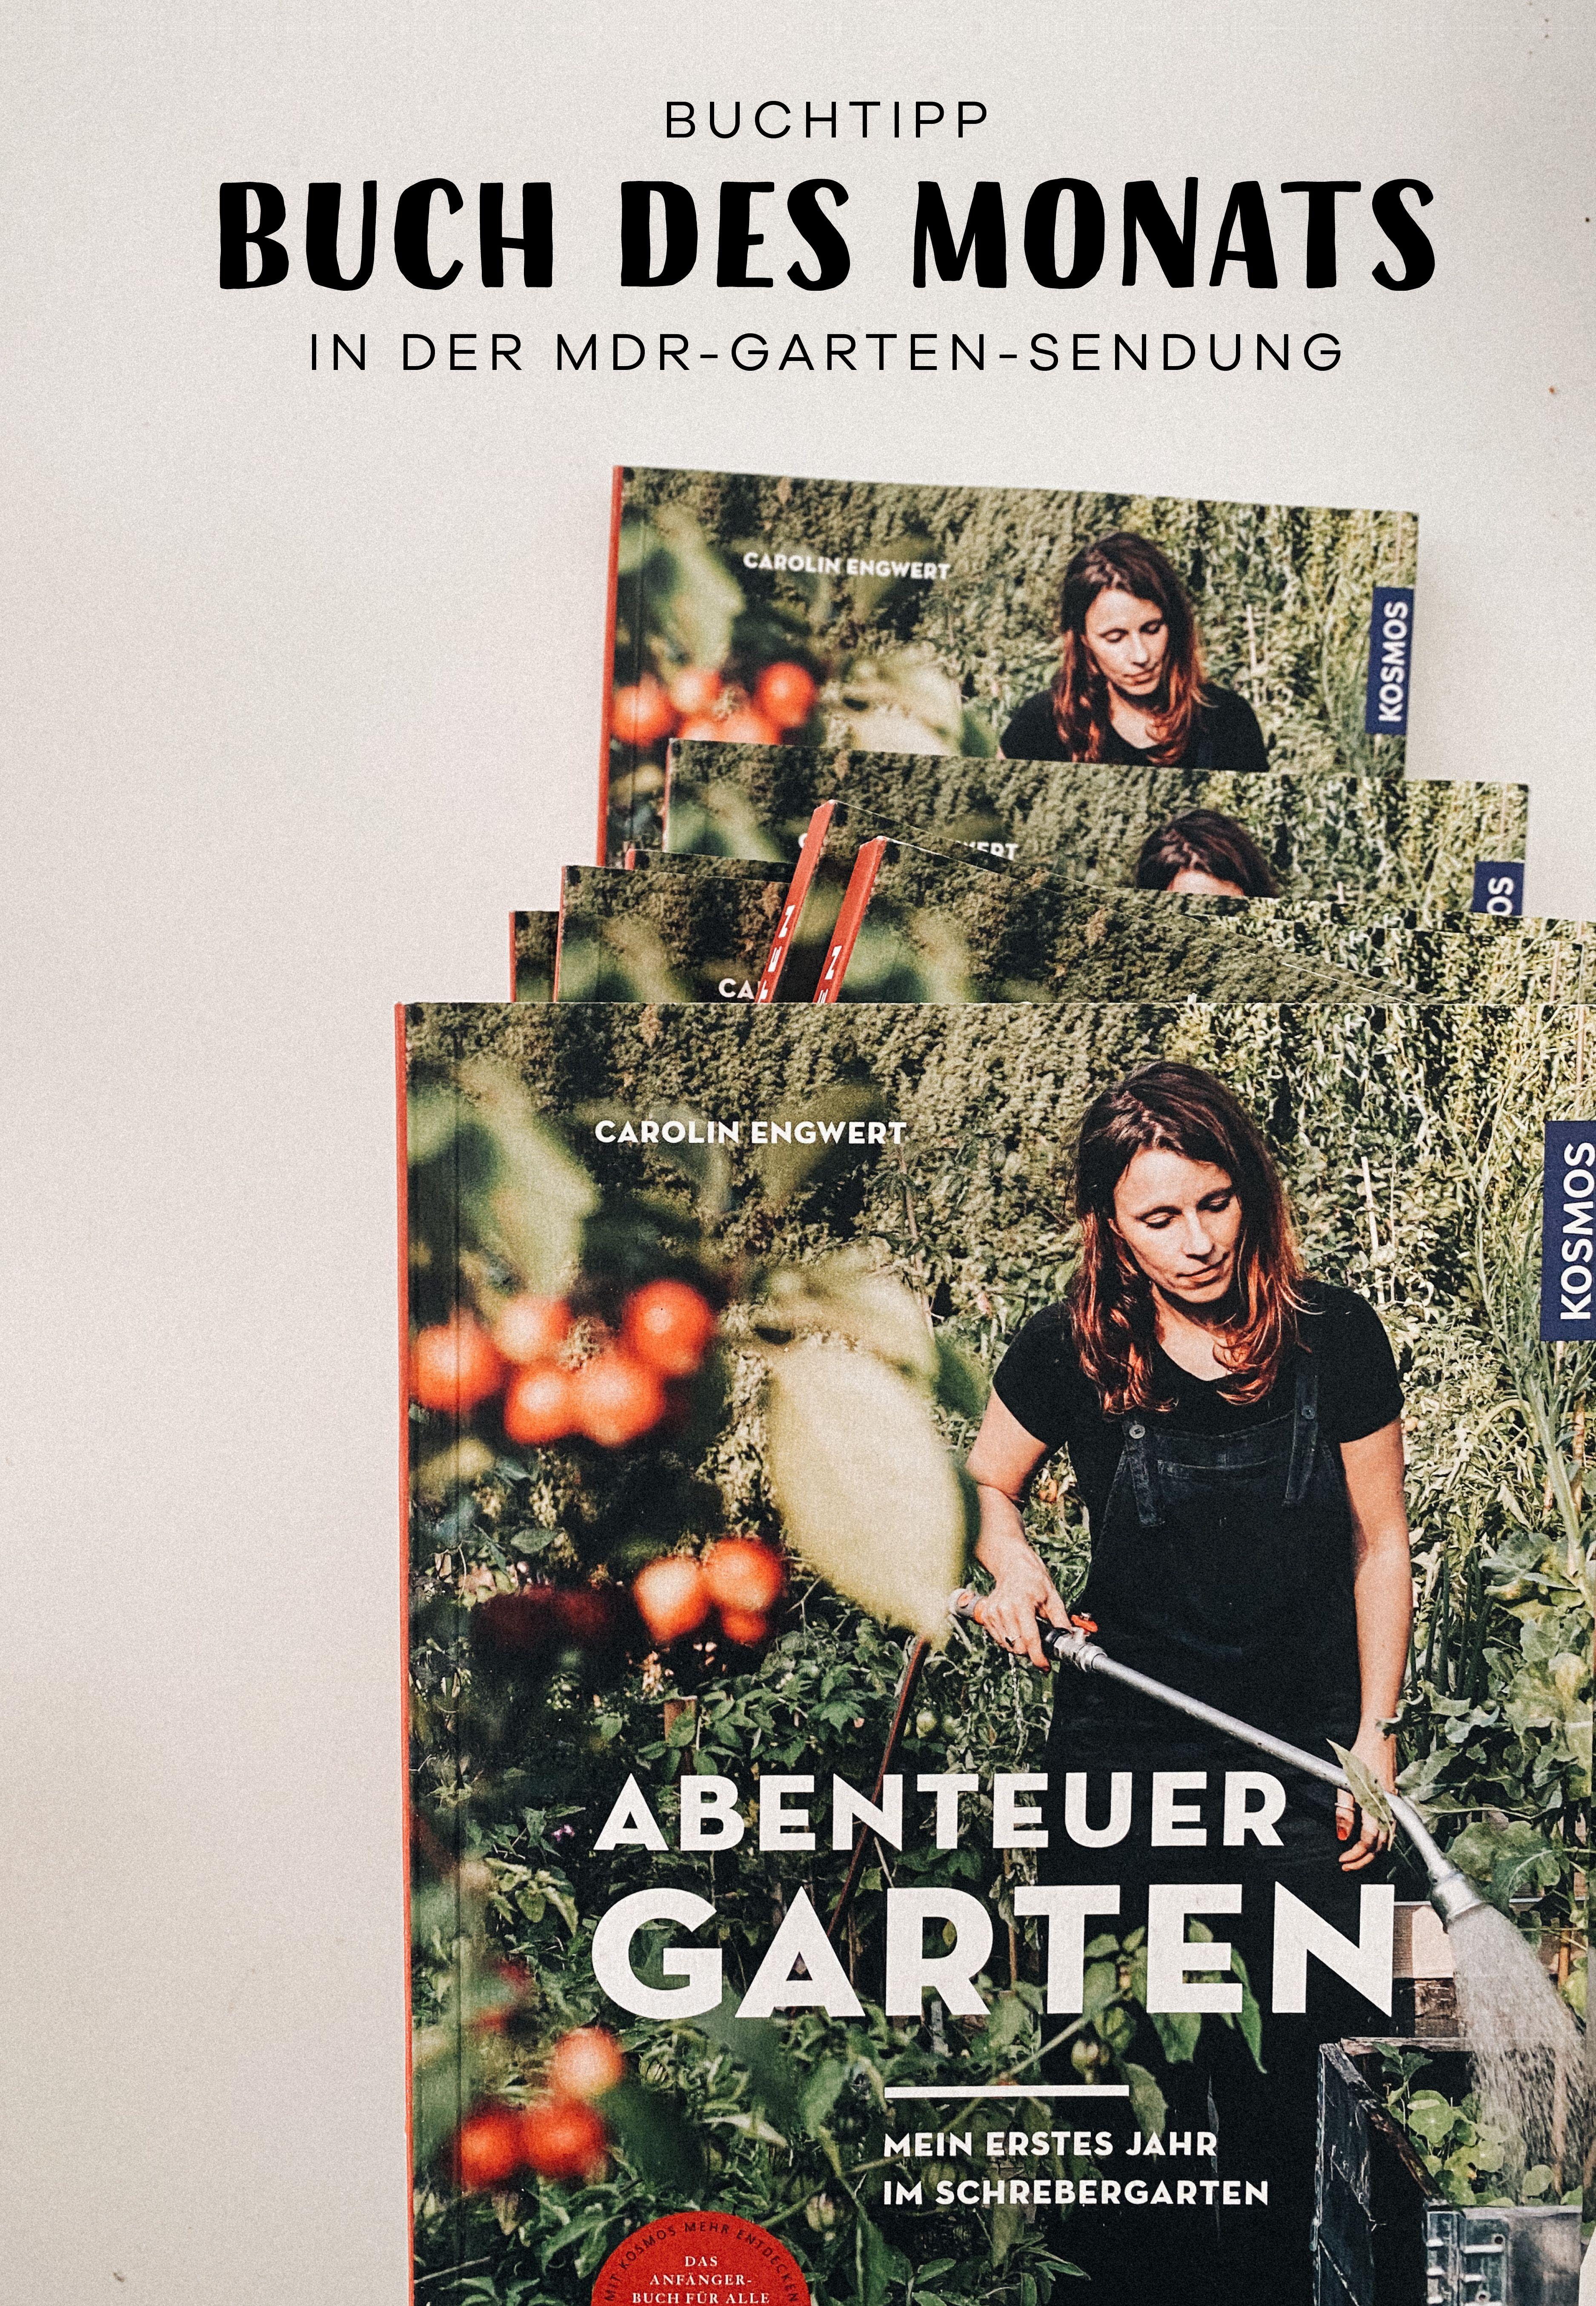 Buch Des Monats Bei Mdr Garten In 2020 Mdr Garten Schrebergarten Garten